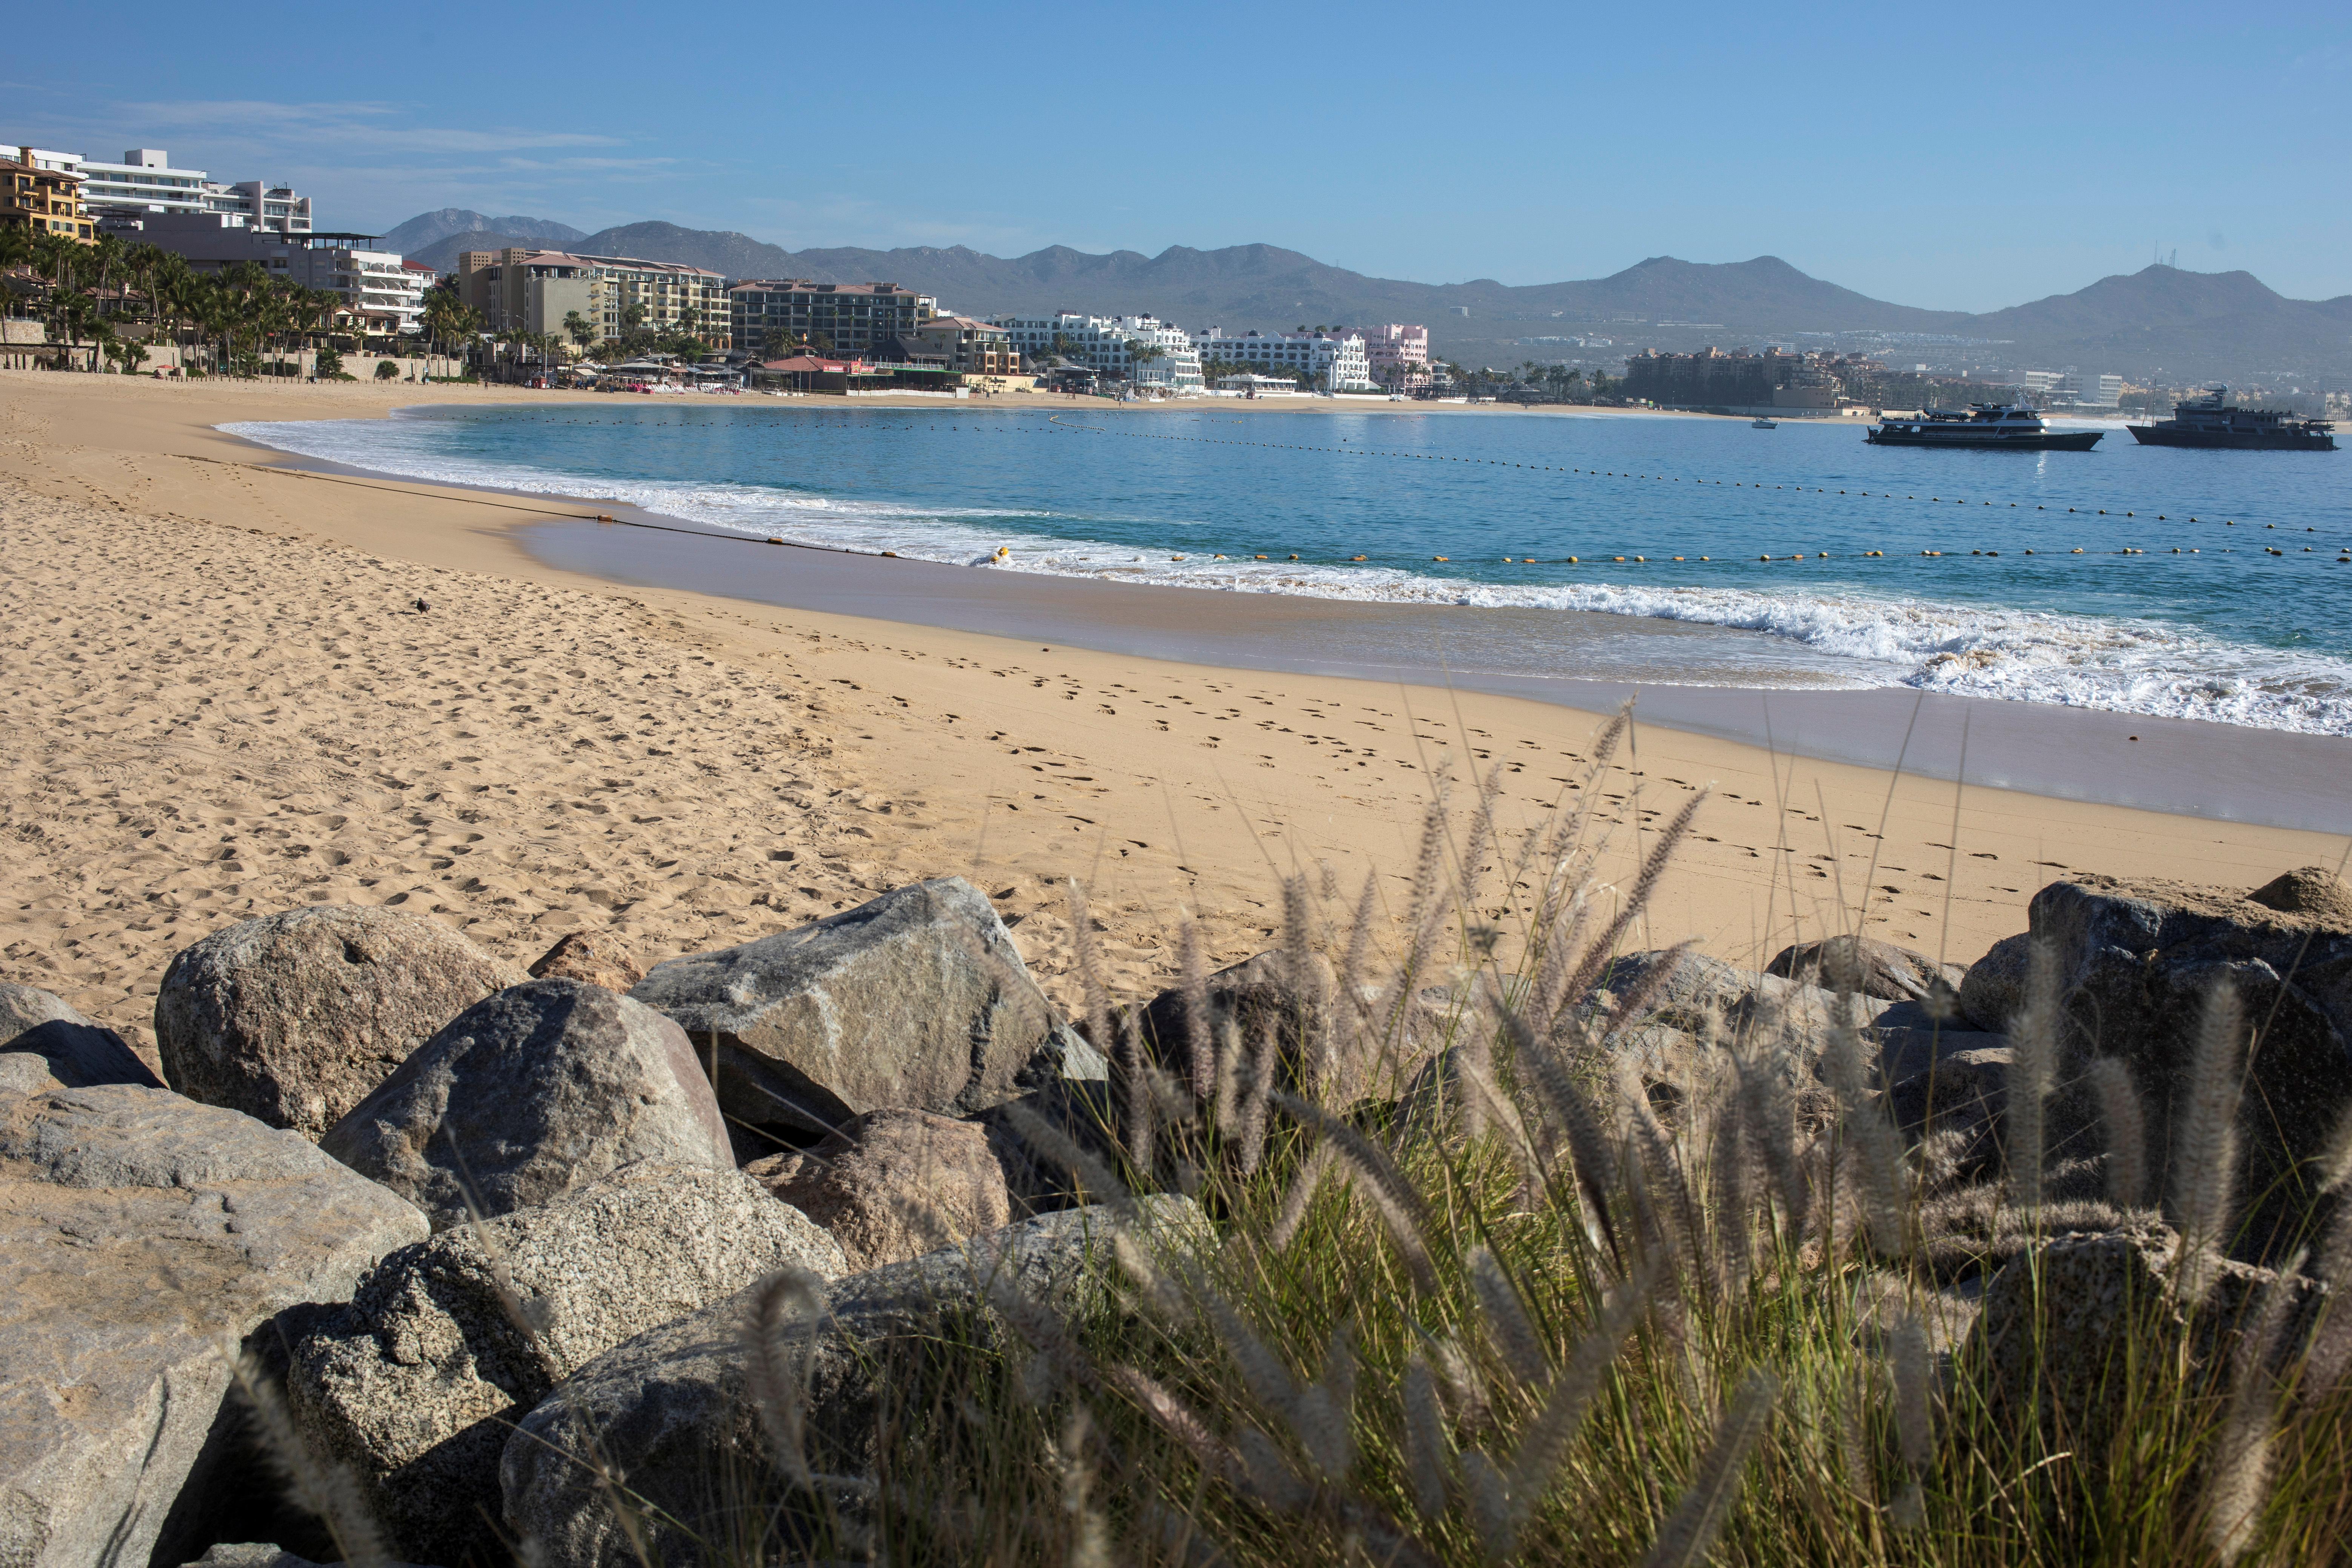 La playa de Los Cabos desierta (REUTERS/Fernando Castillo)